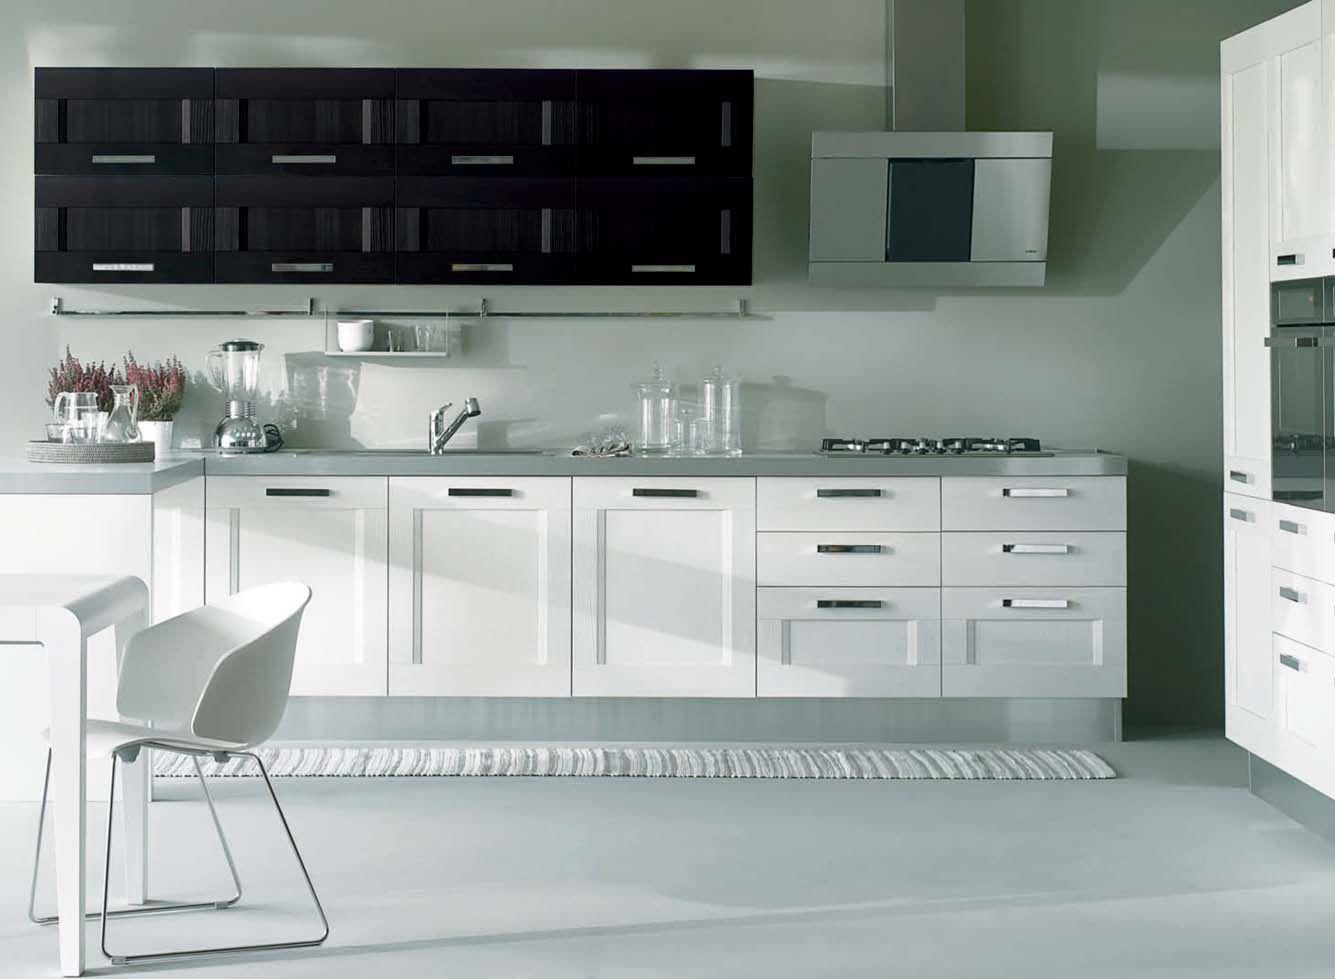 Cocina 91 cocinas capis dise o y fabricaci n de cocinas for Configurador cocinas